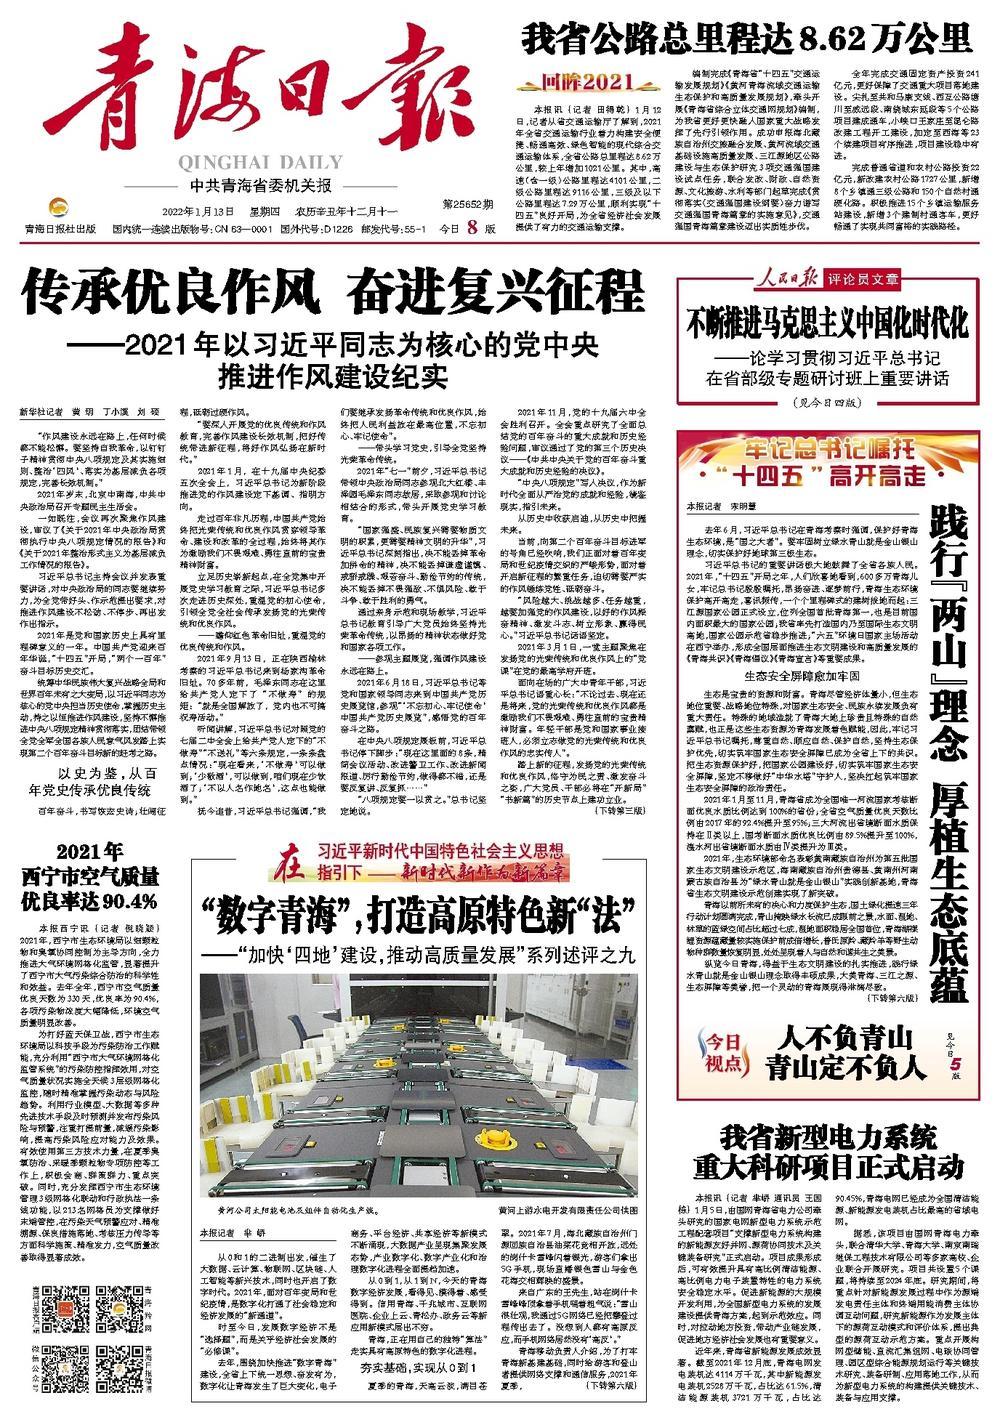 阅读青海日报数字报